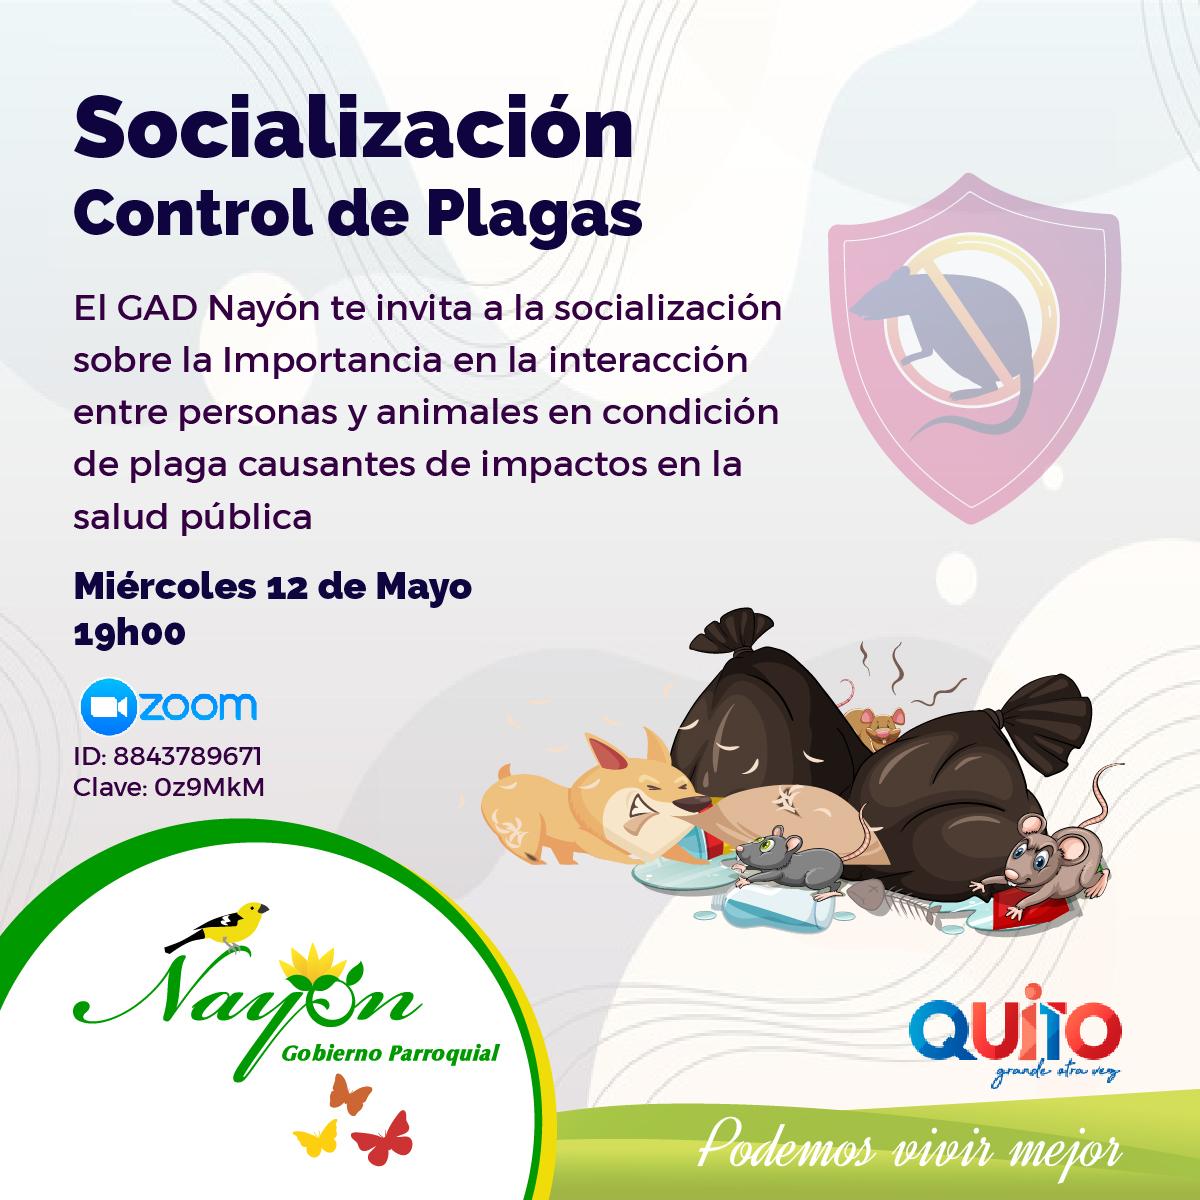 Socialización Control de Plagas